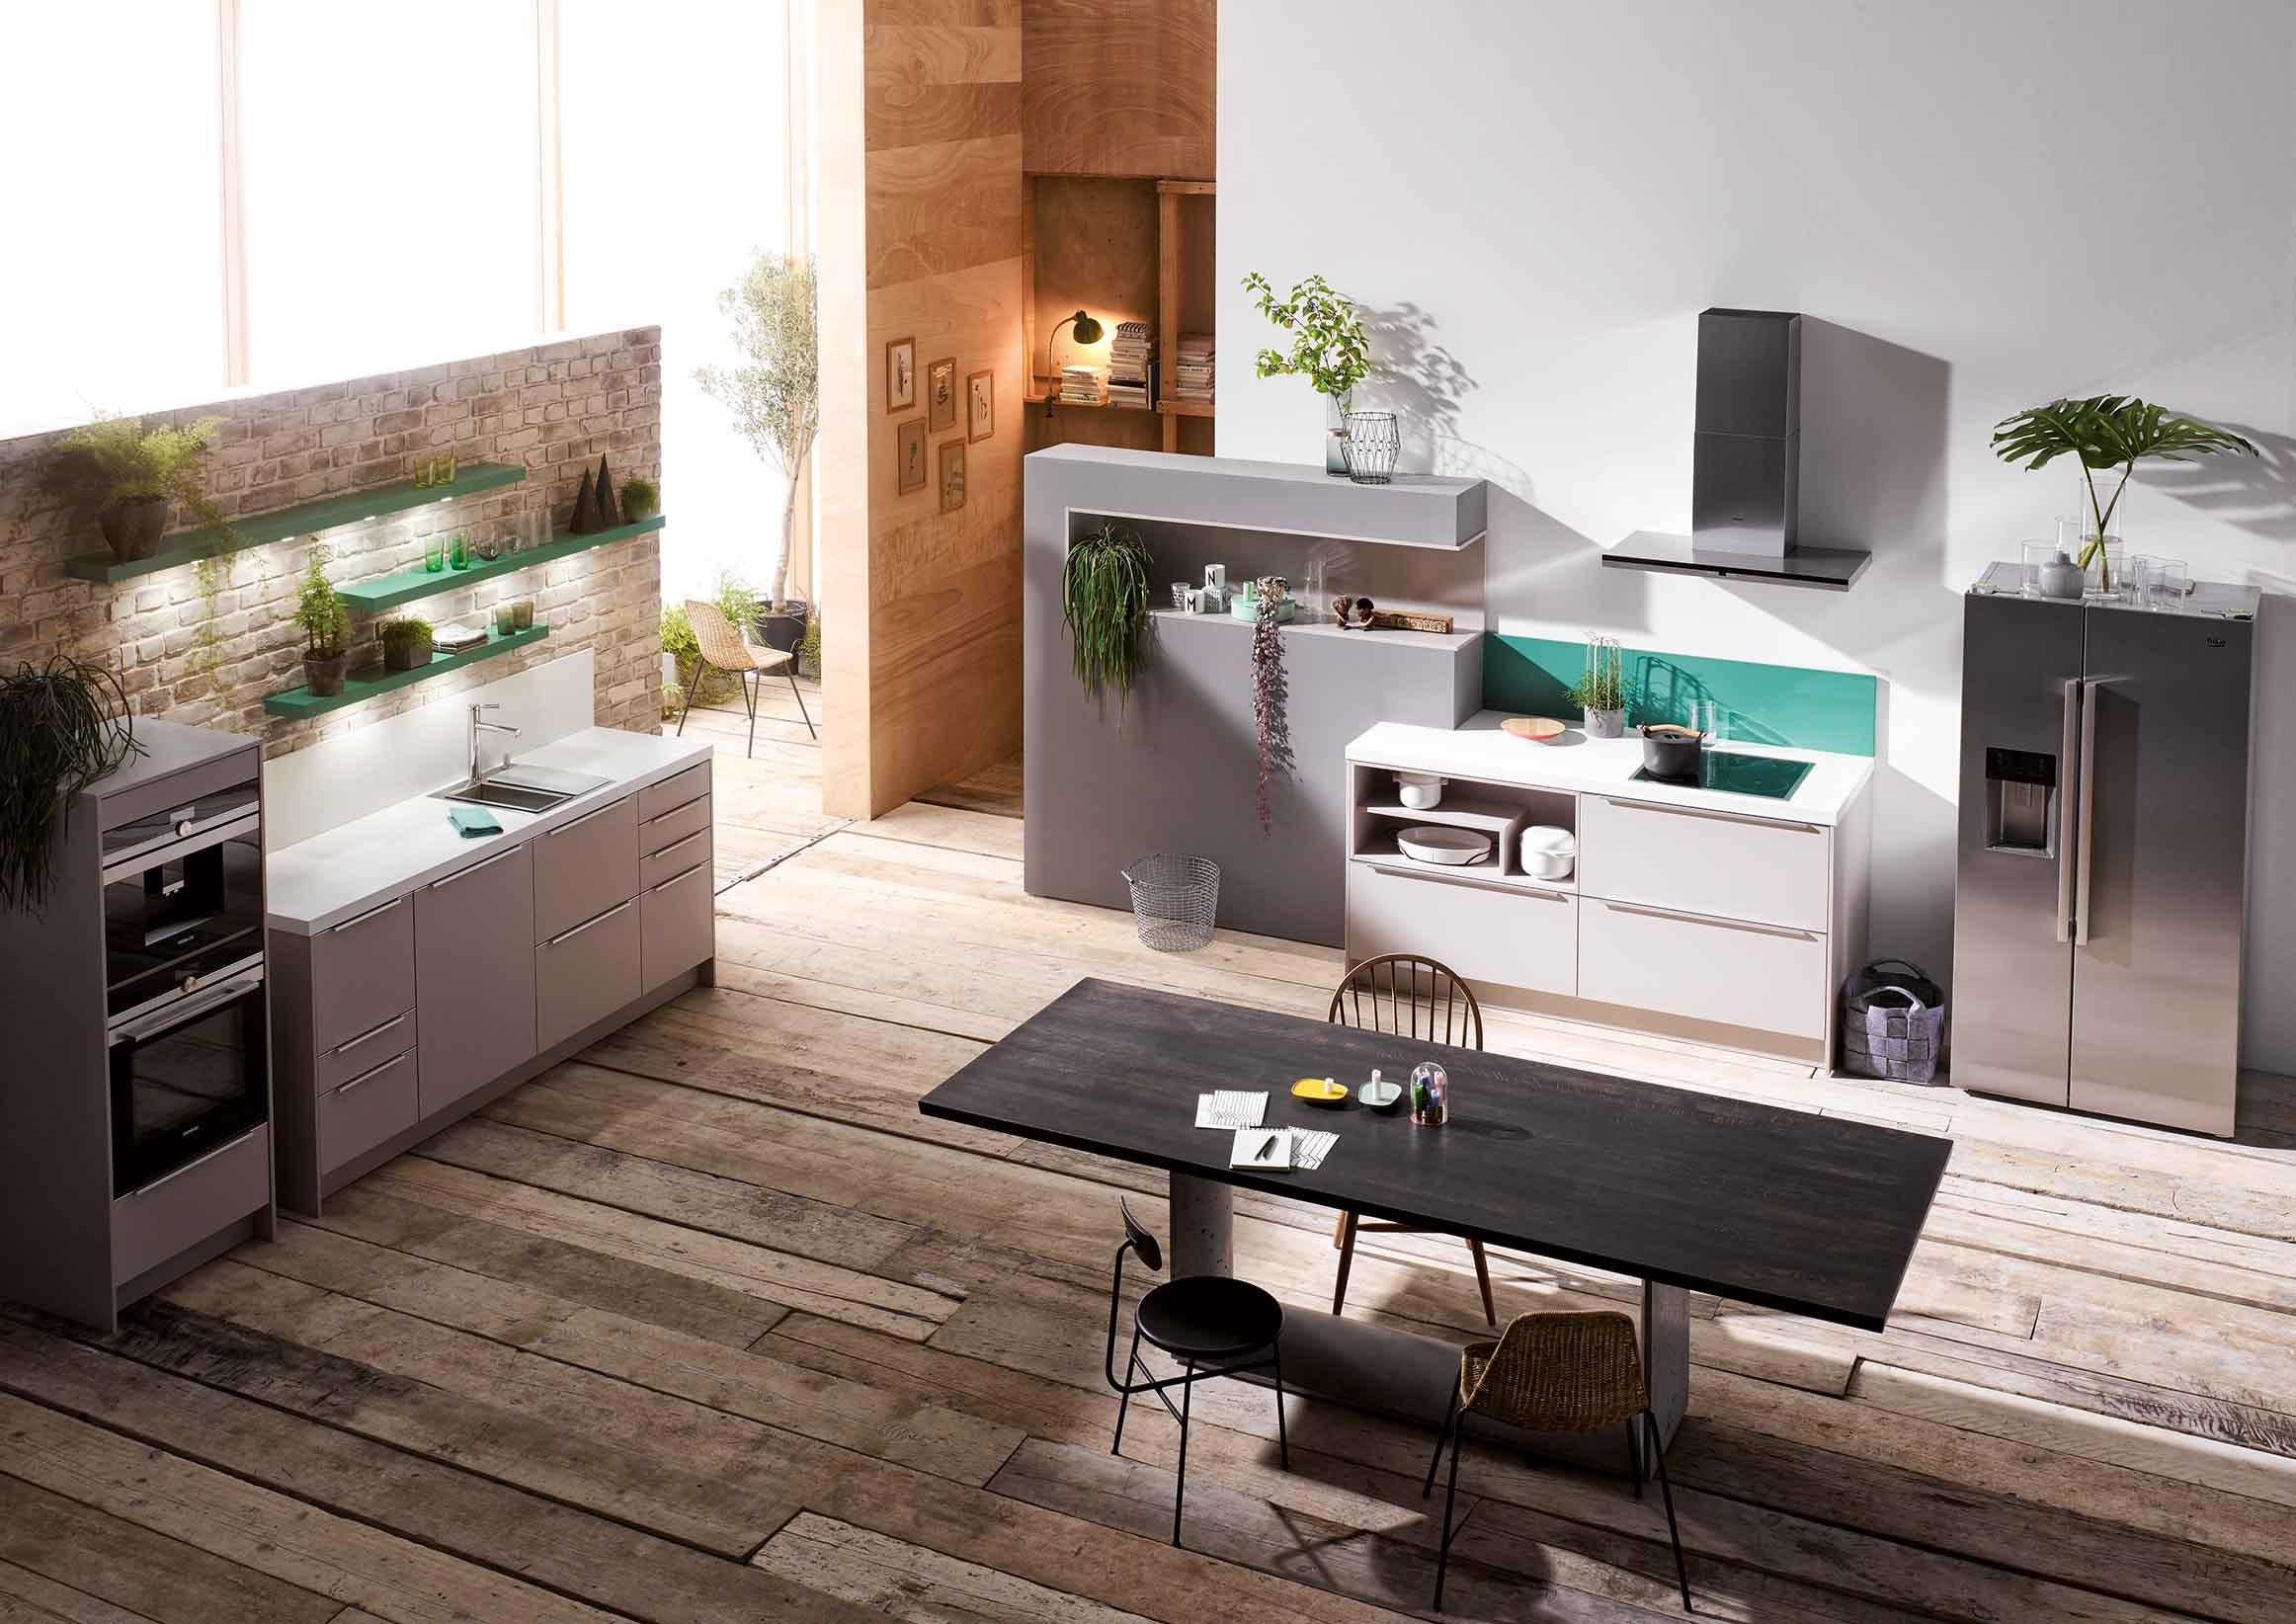 LIVA Küchen - Möbelhaus Albiez in Bensheim-Auerbach